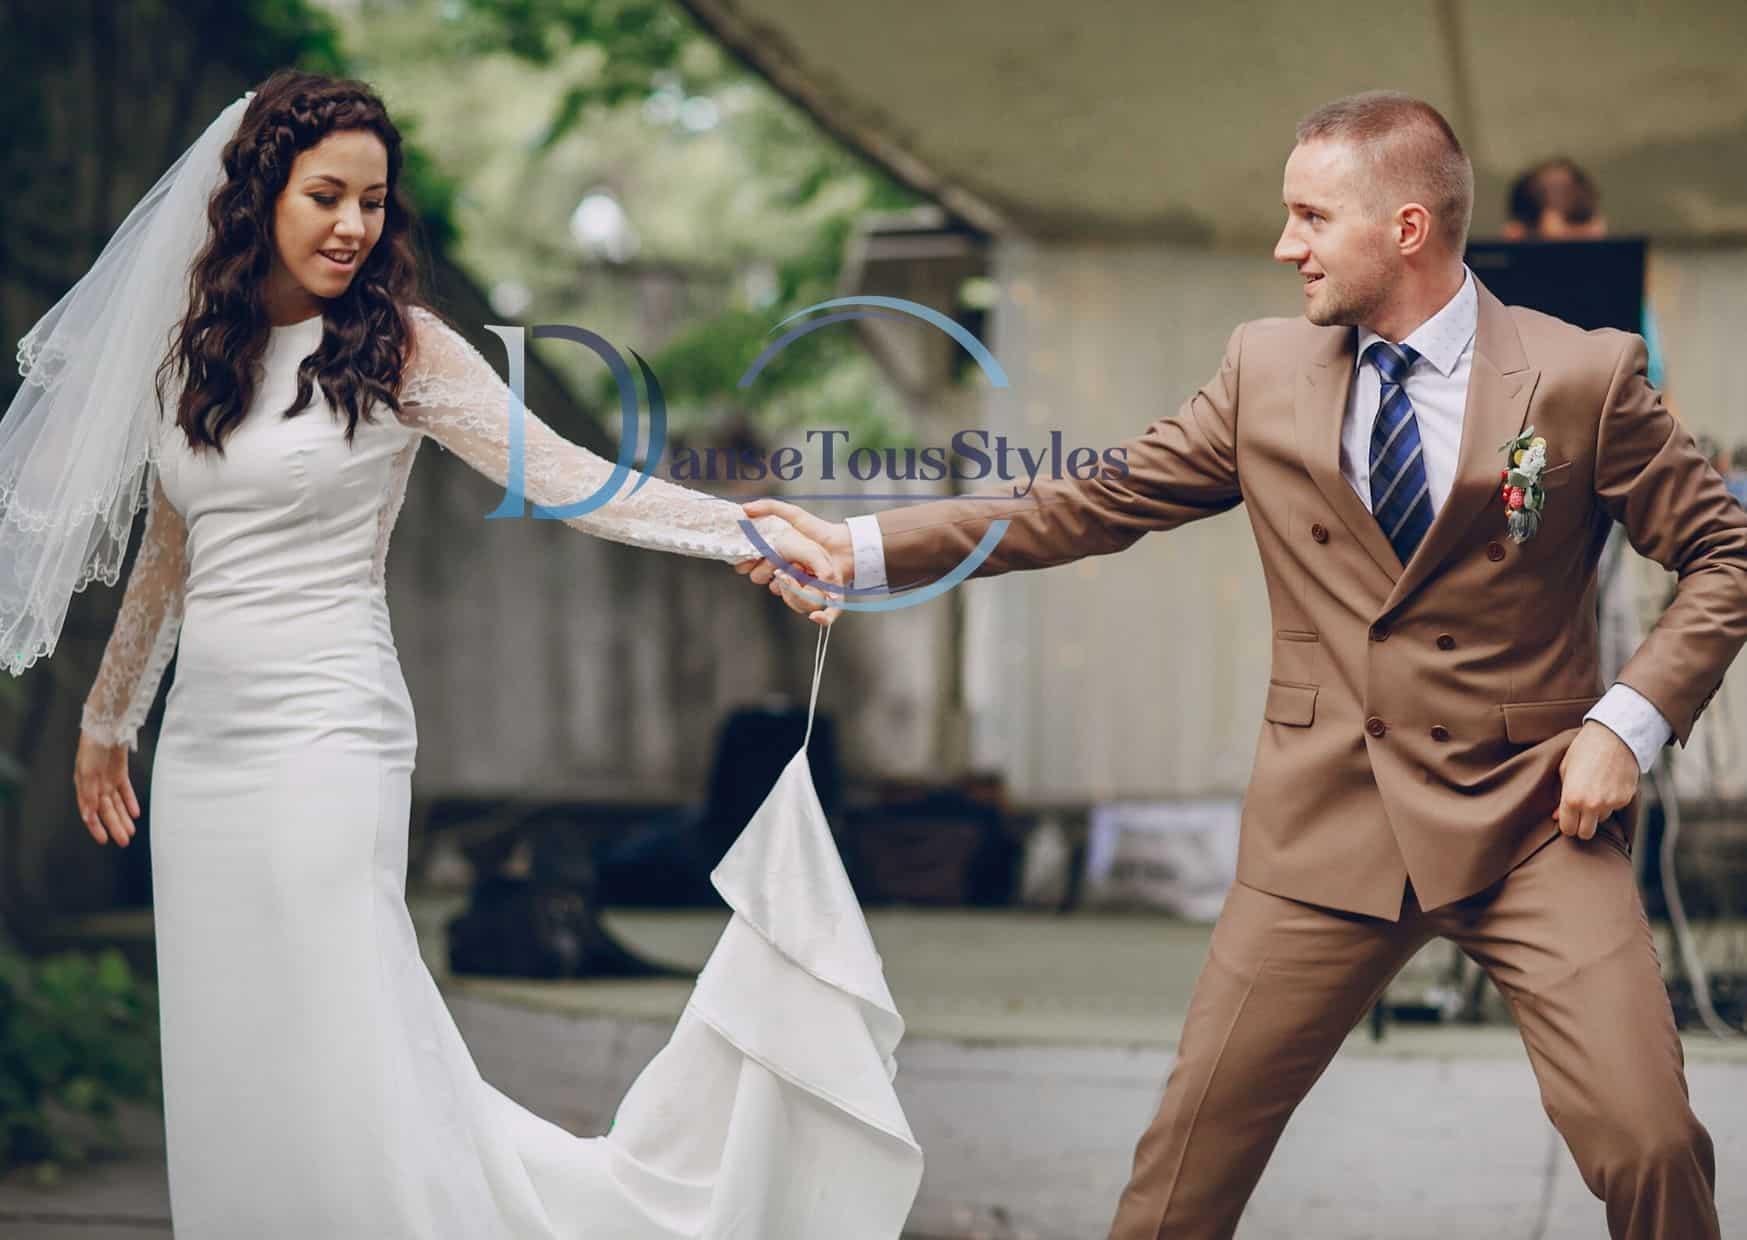 cours de danse mariage diekirch luxembourg - Ouverture de Bal / 1ère danse de mariage à Versailles